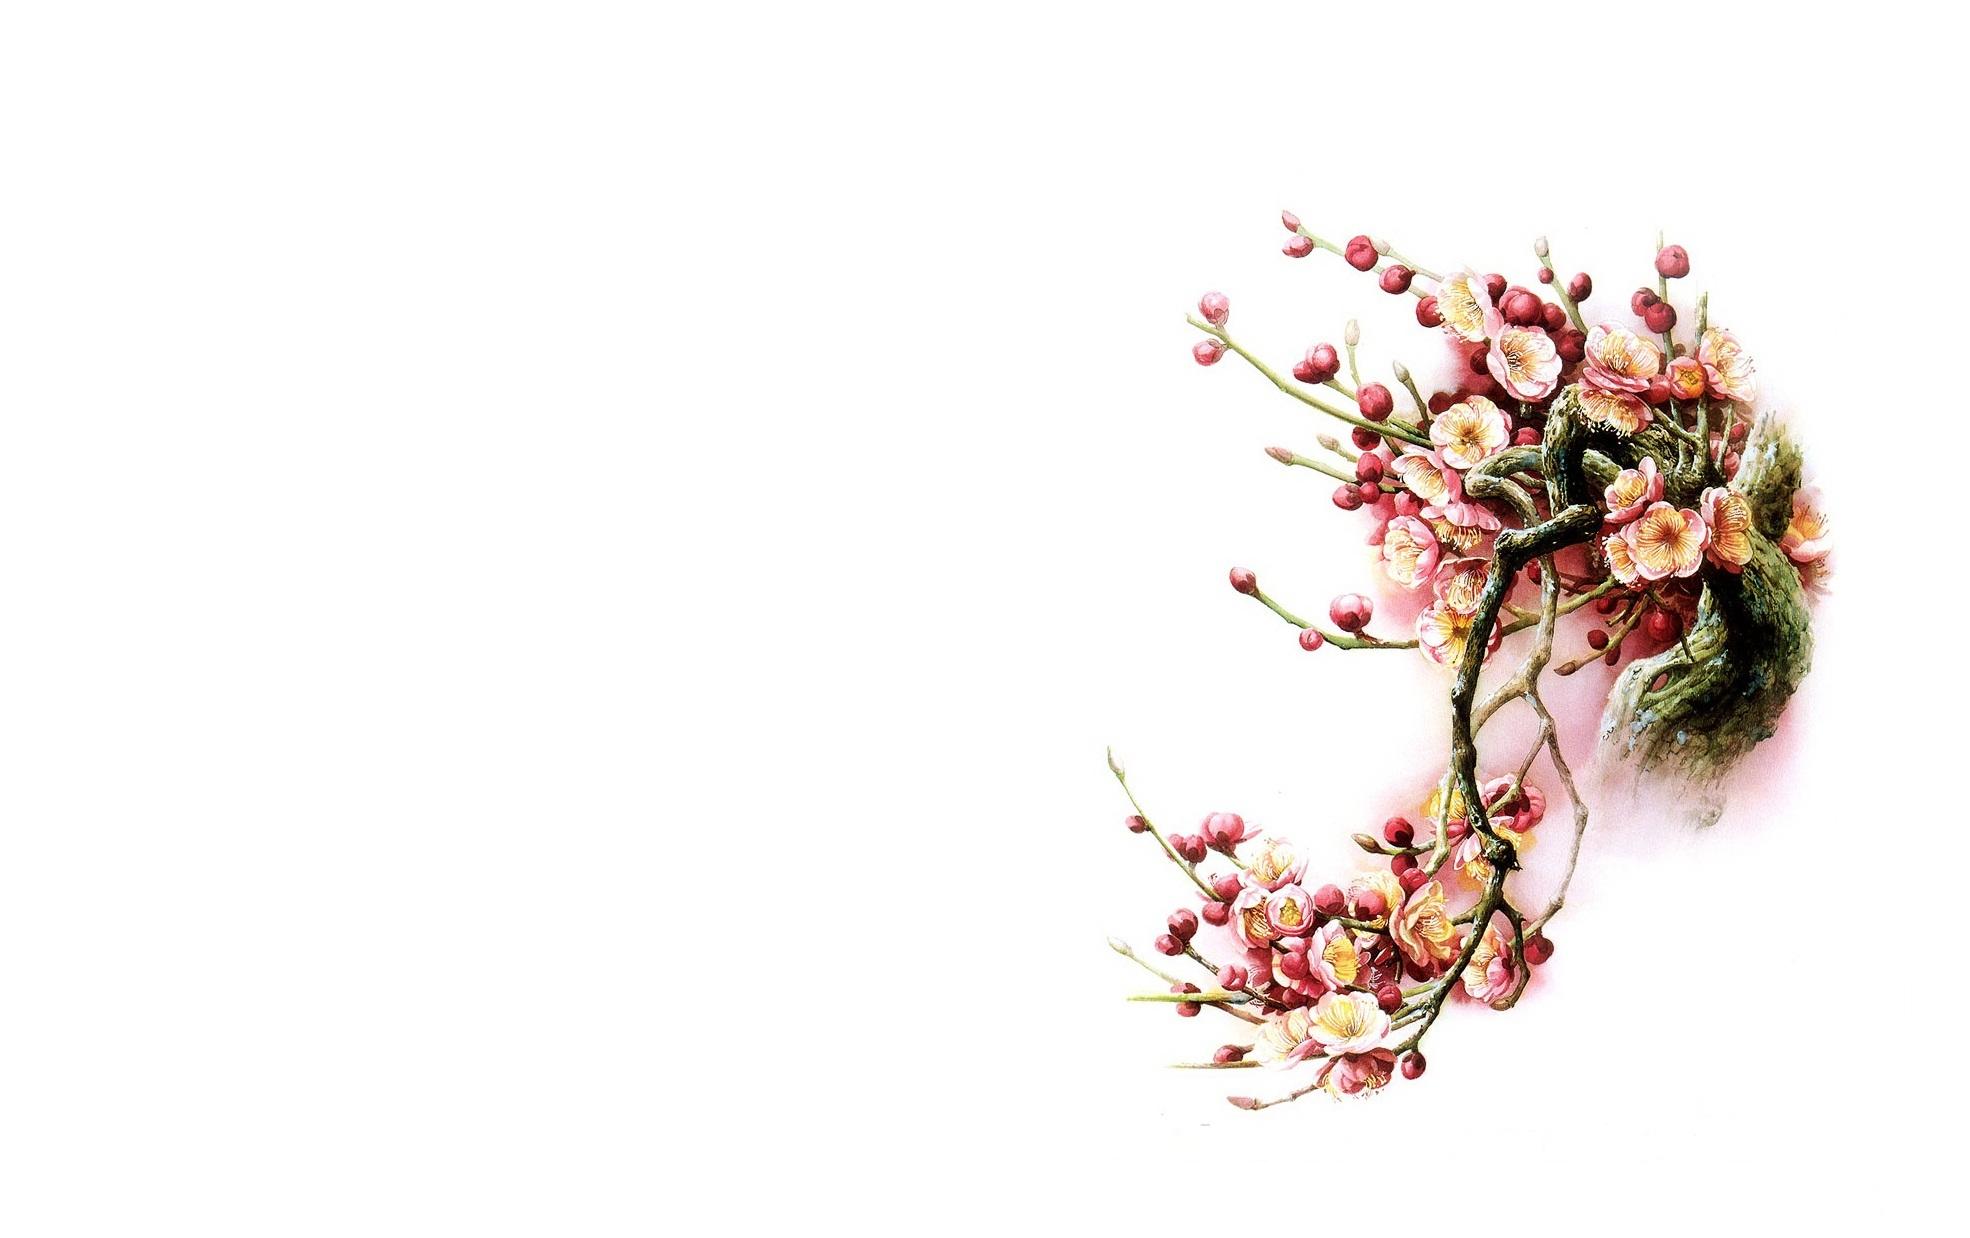 картинка весна минимализм руками